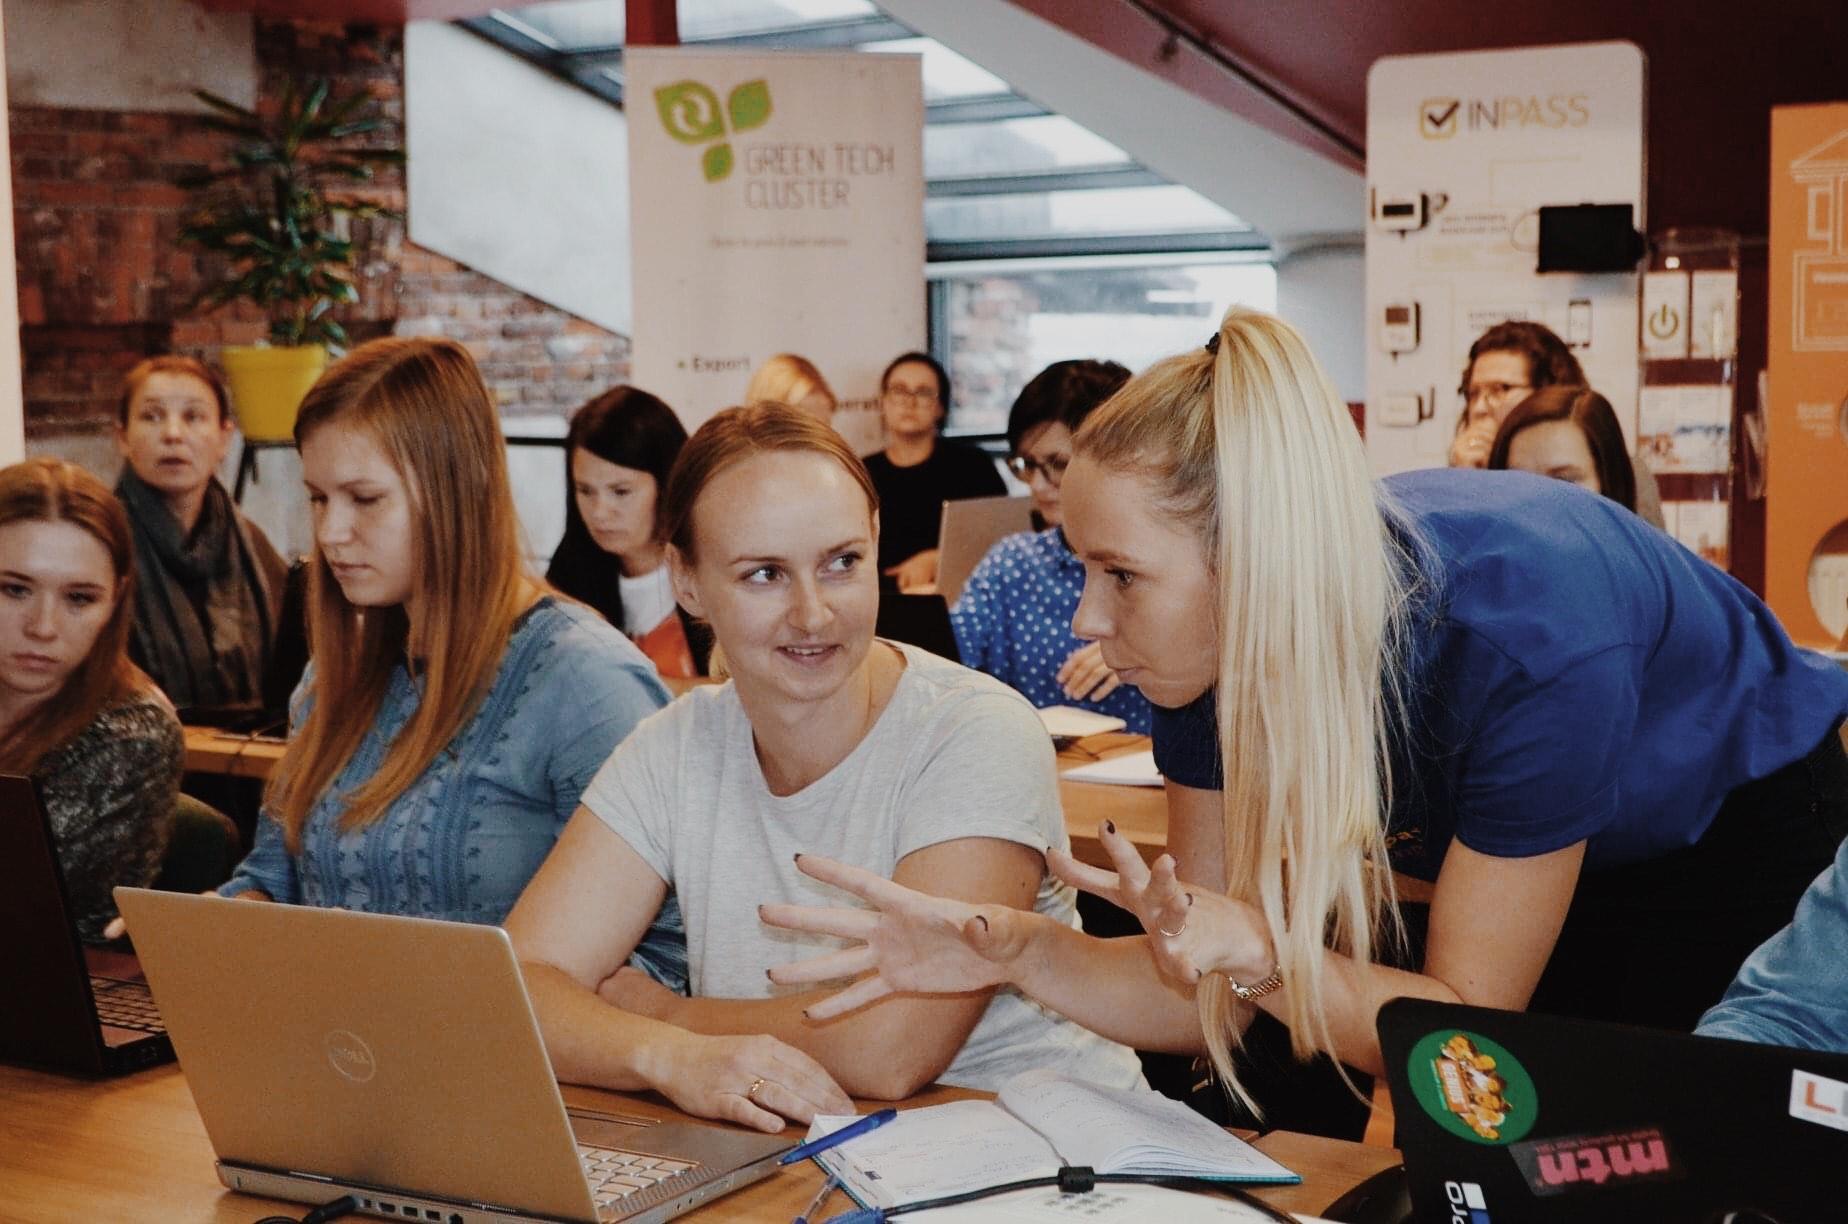 Liepājas tehnoloģiju dāmu kopiena - Liepaja TechGirls